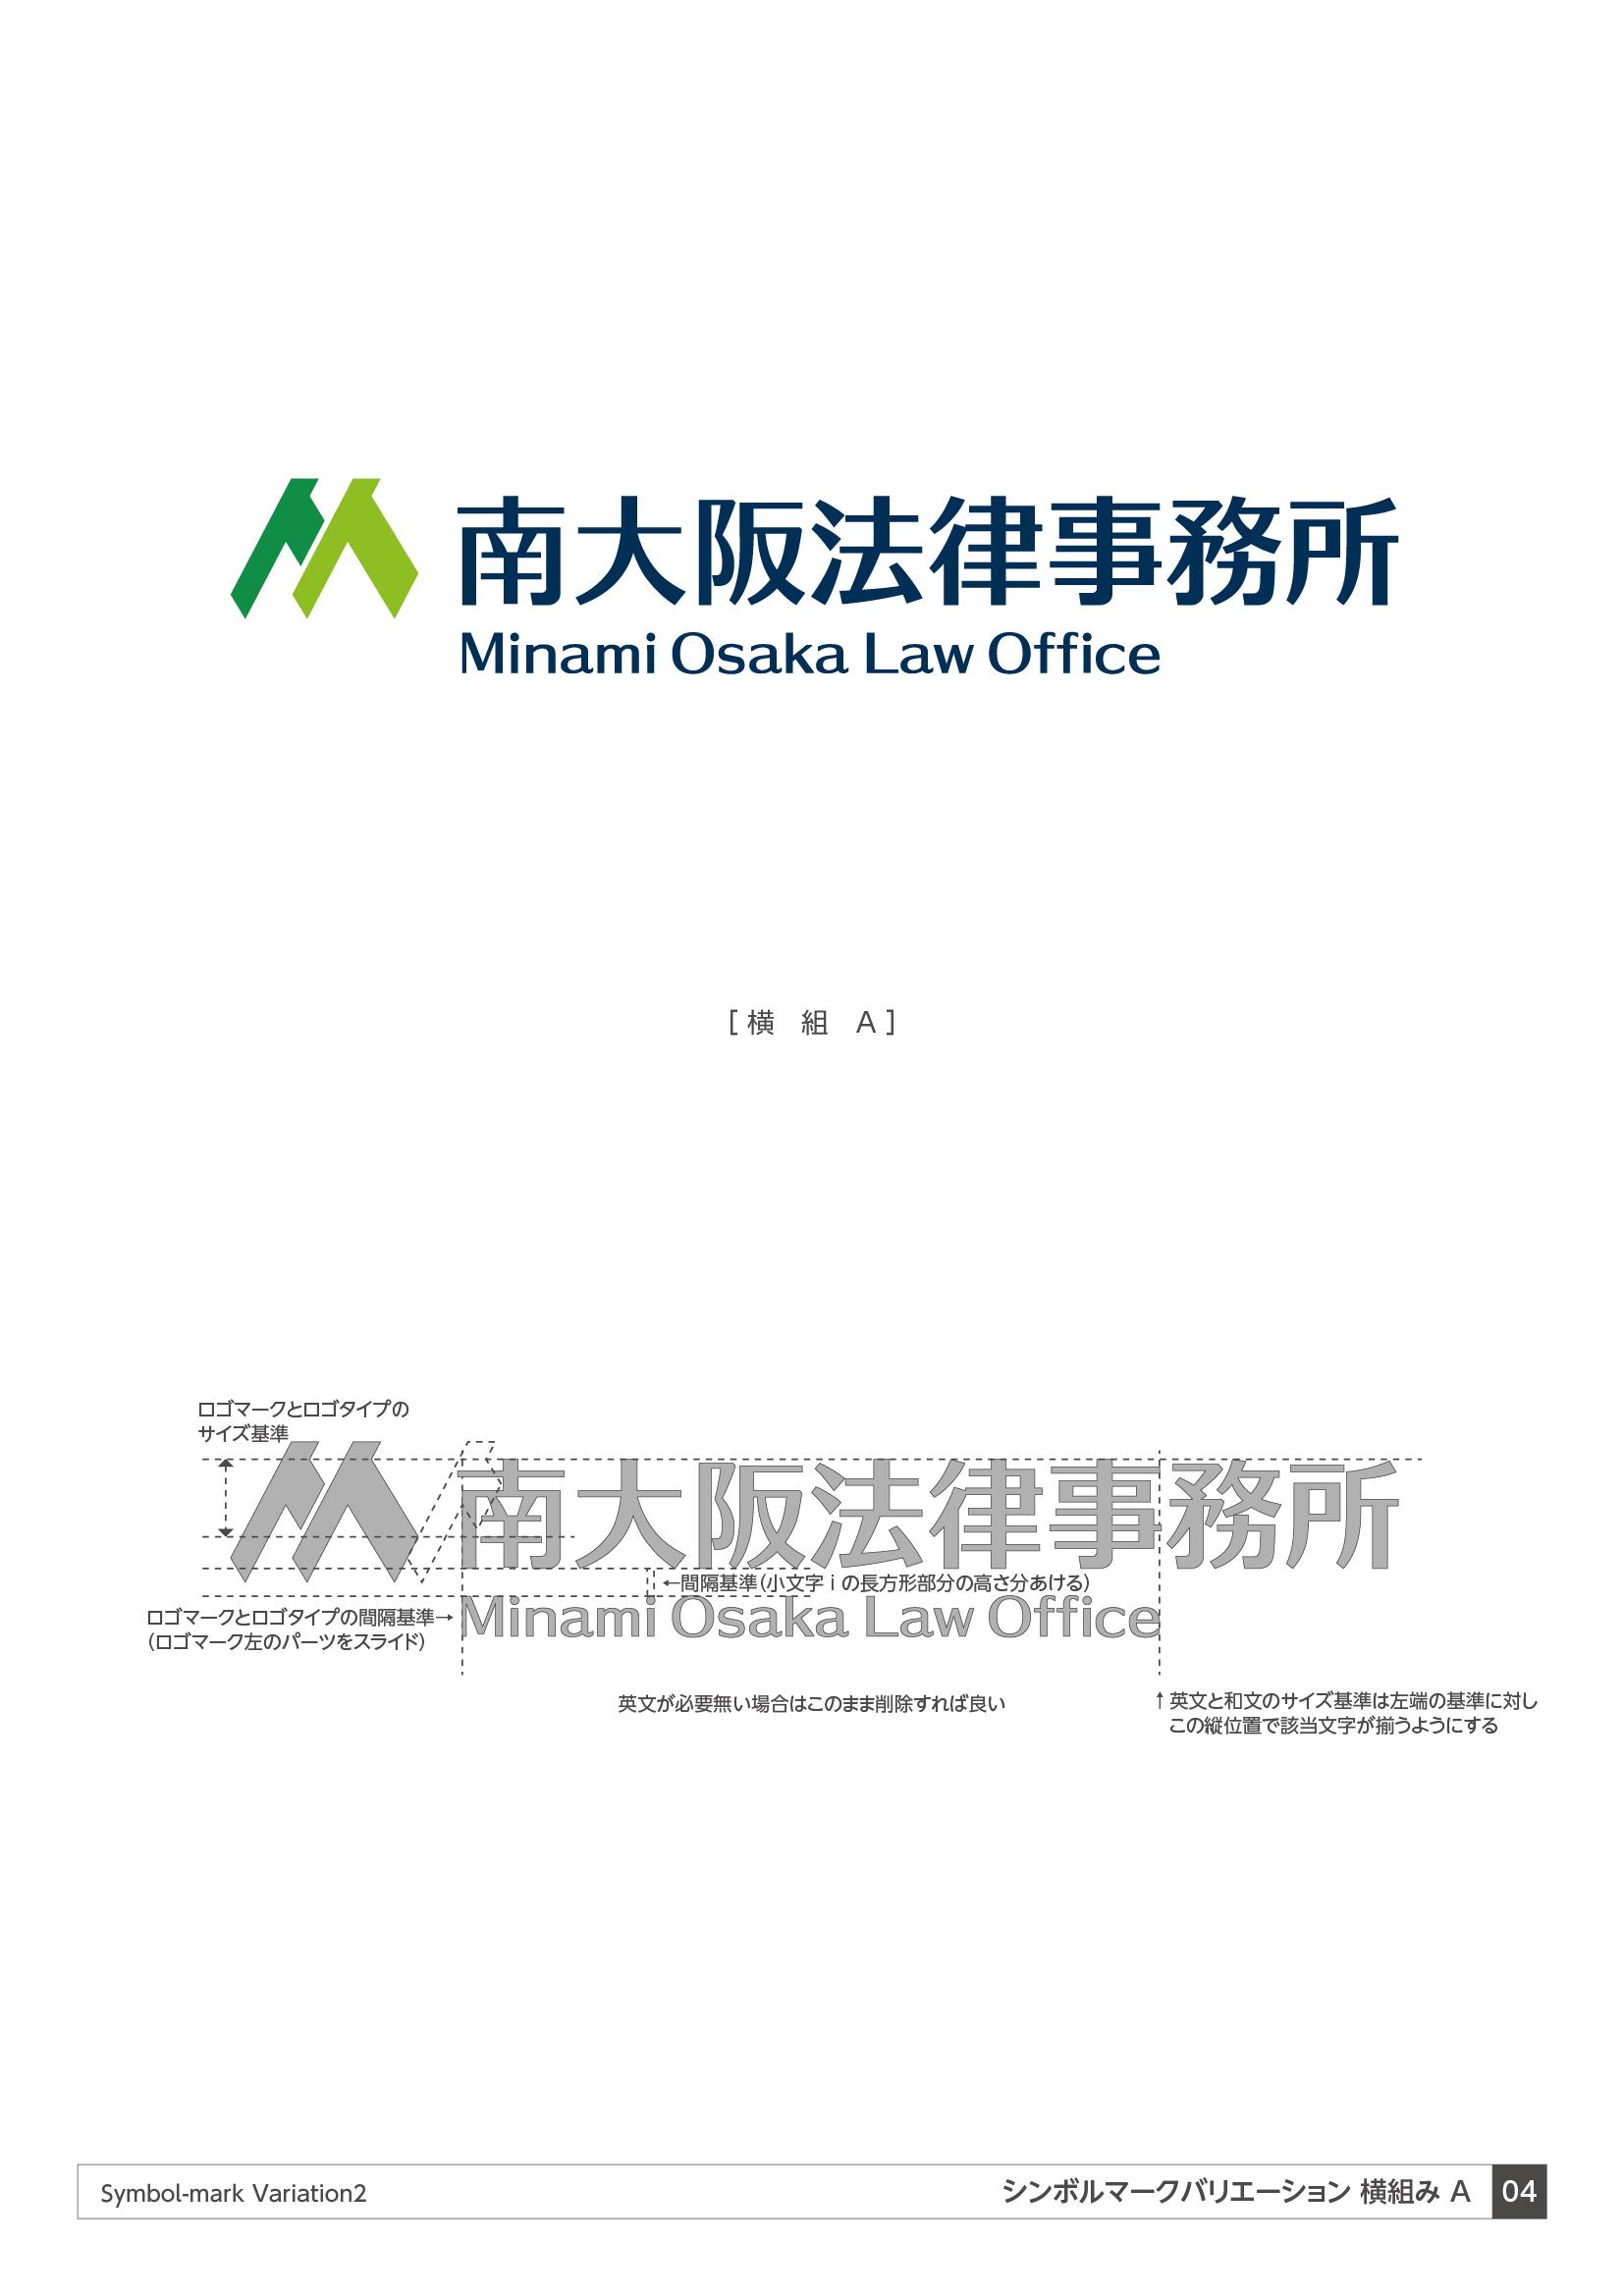 南大阪法律事務所のロゴマークとロゴタイプ 横組み